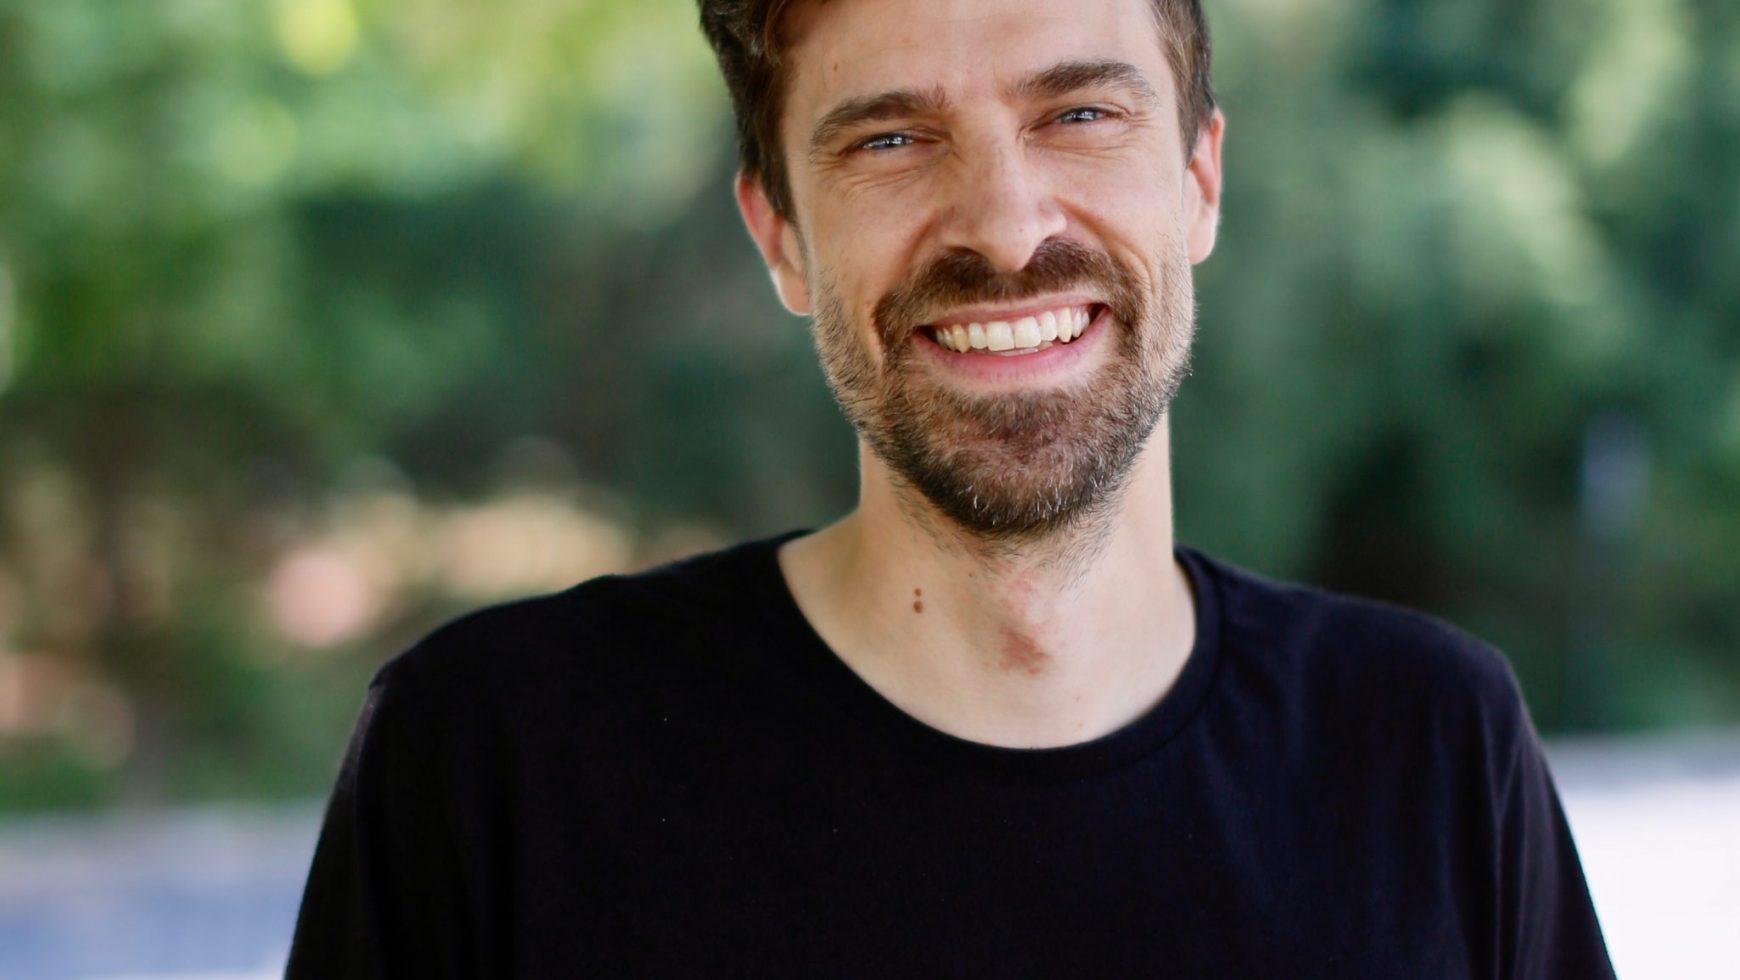 Nate Shorb